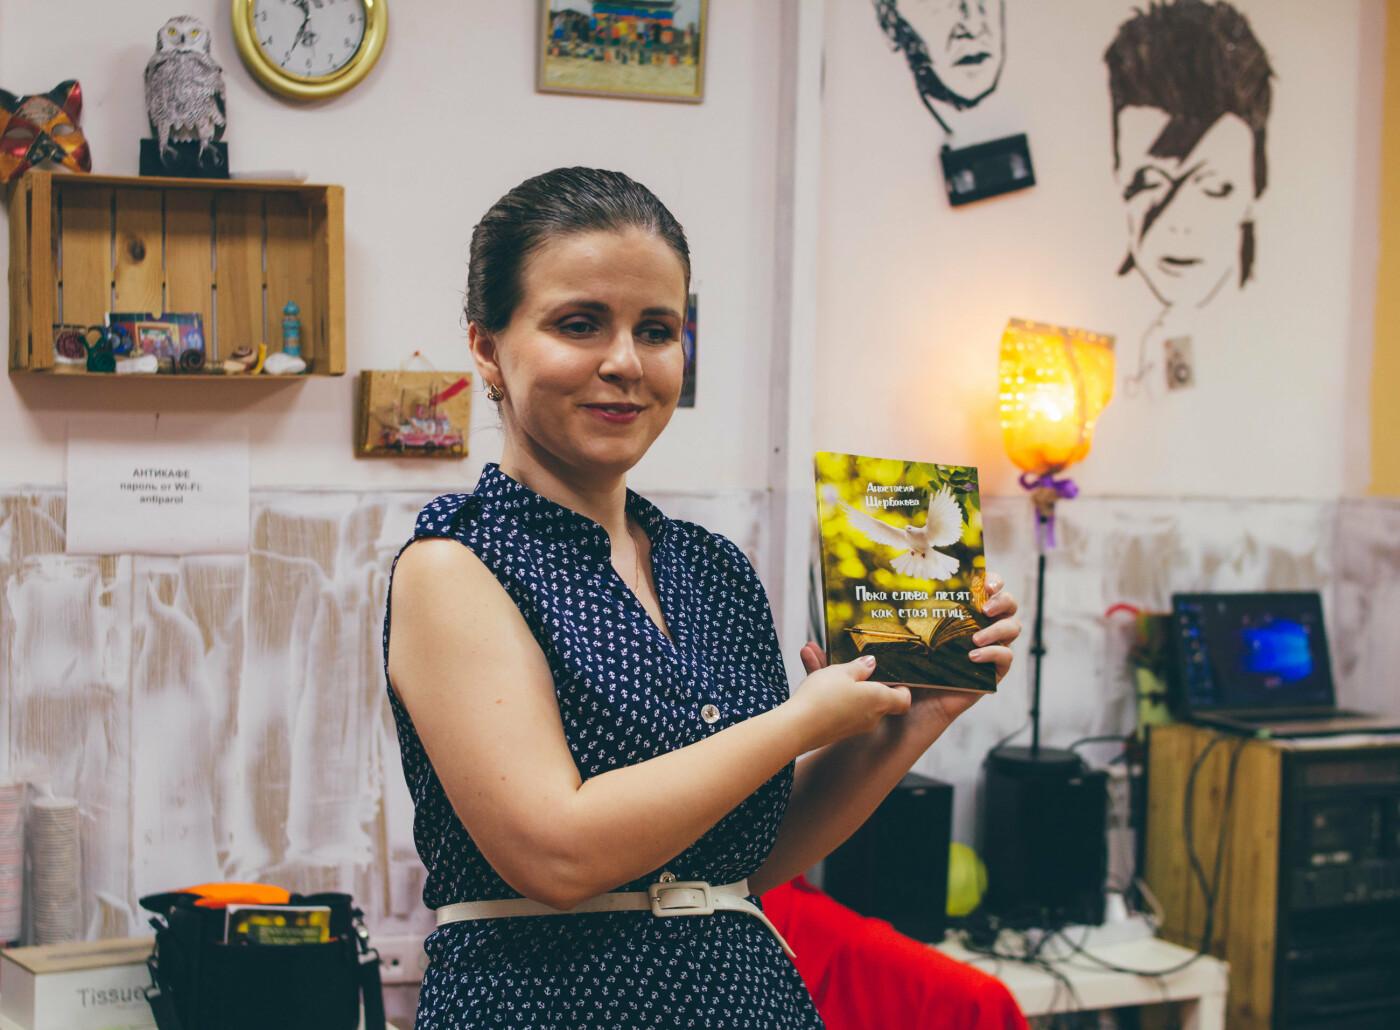 В Антикафе новую книгу презентовала поэтесса из Бердянска, фото-1, Антон Горбунов